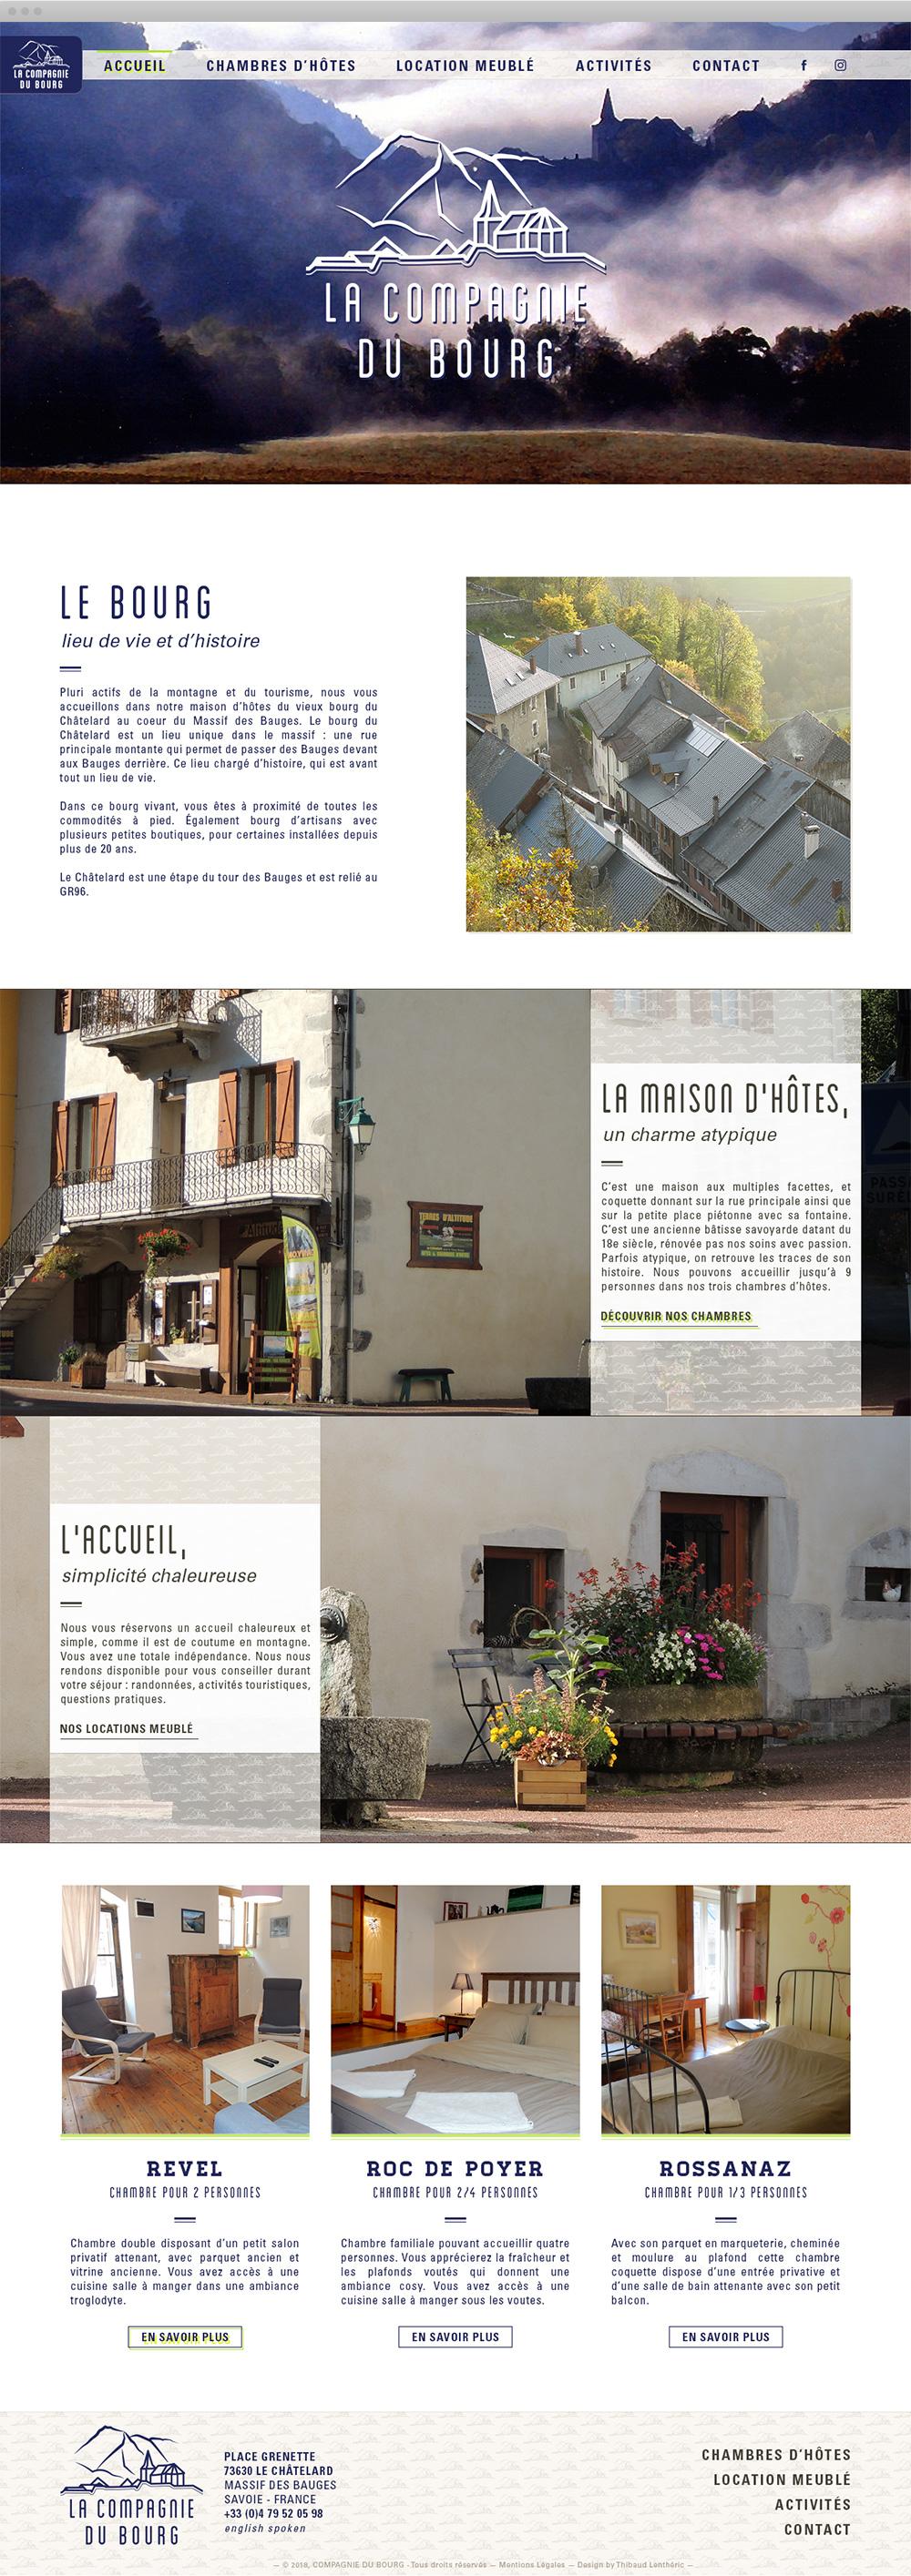 Accueil du site de La Compagnie du Bourg